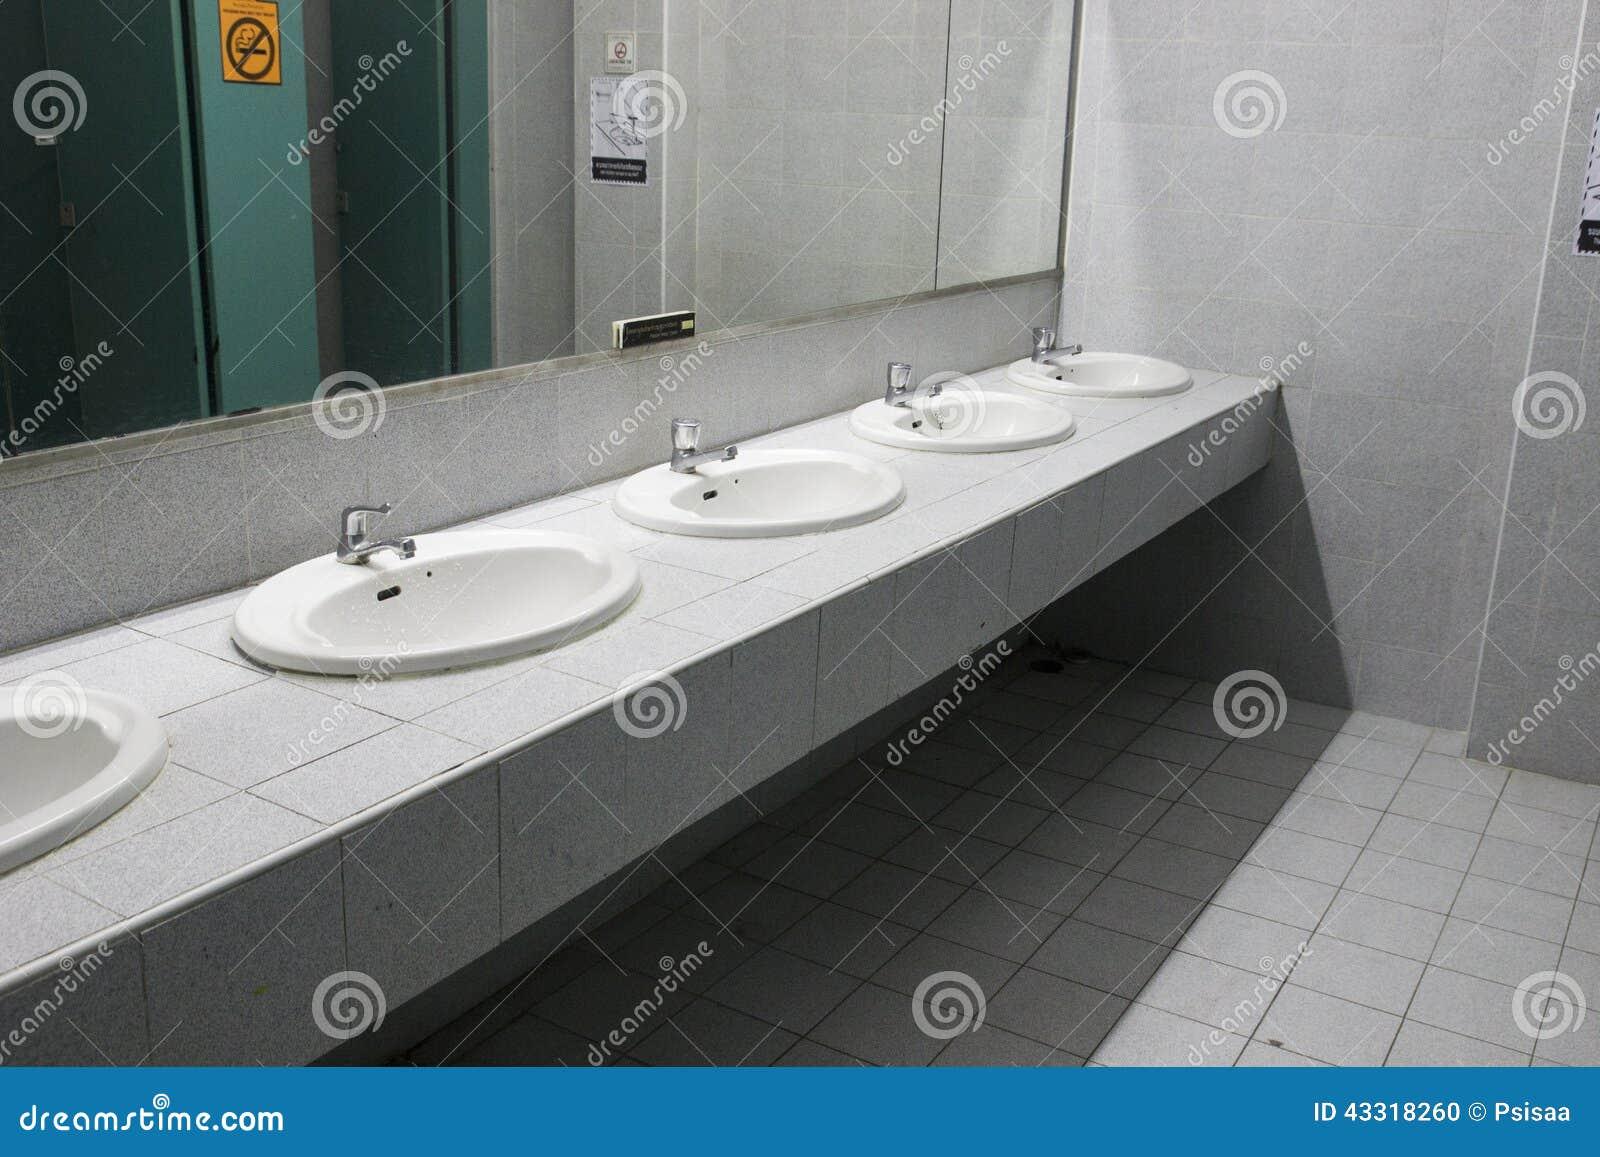 Wasbak openbaar toilet stock photos images